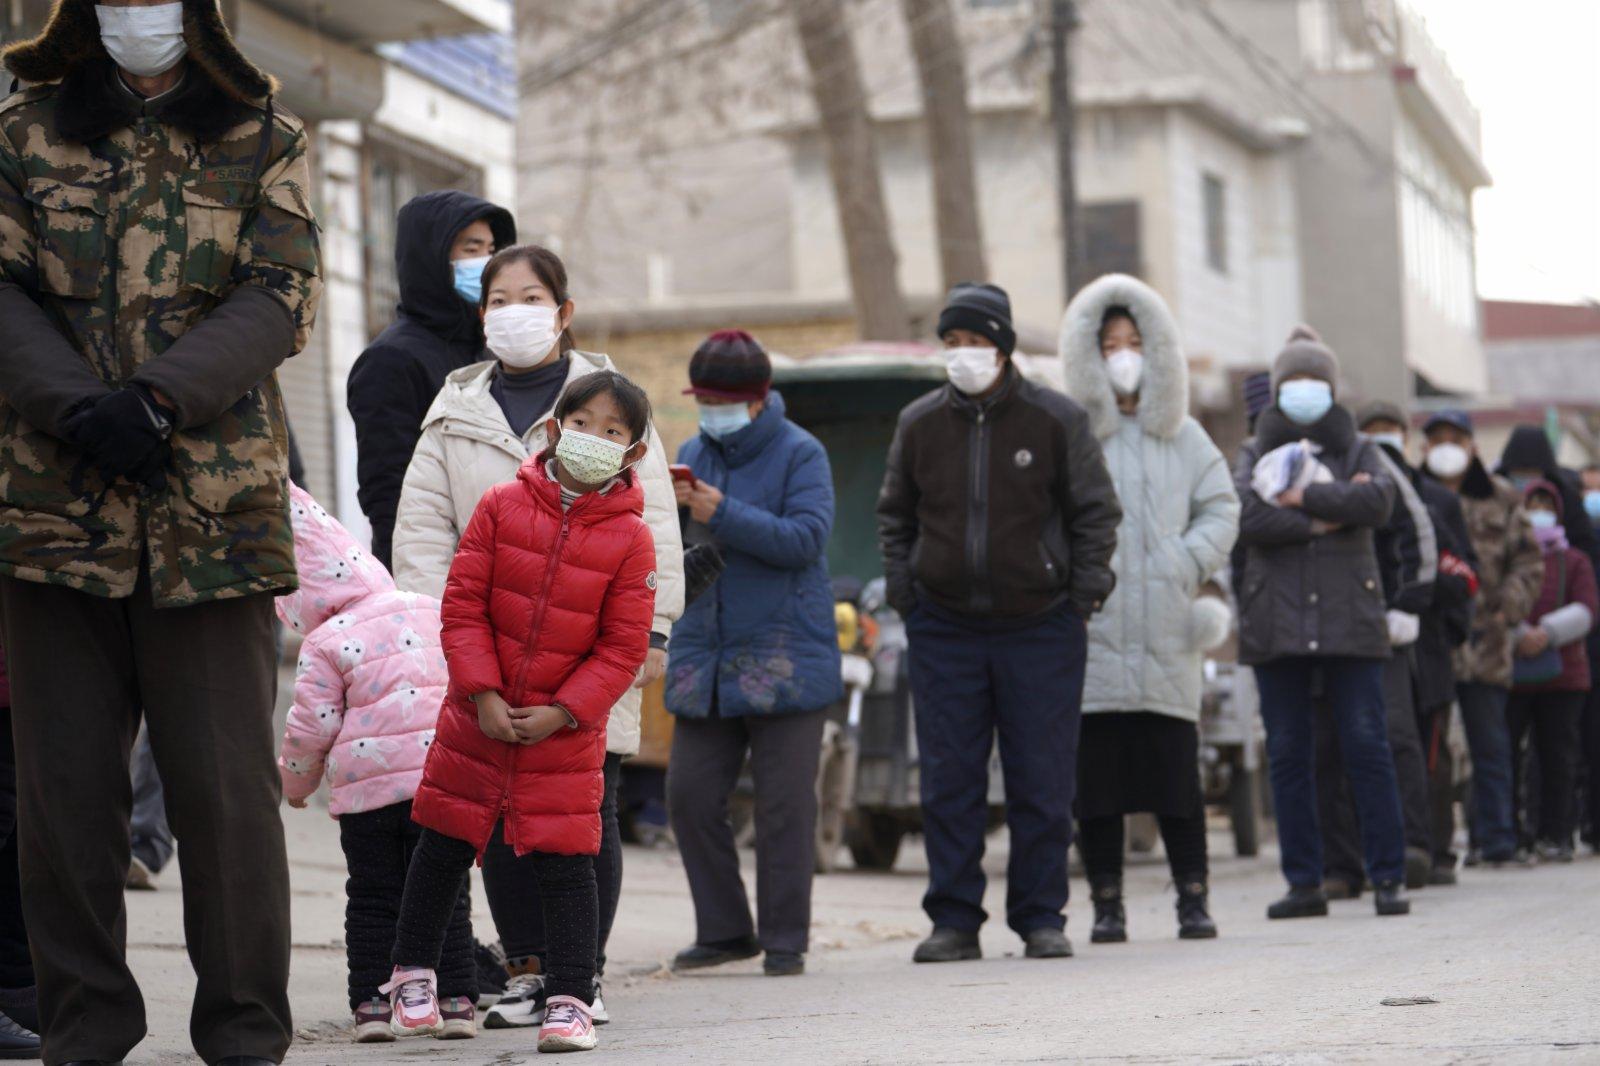 石家莊市元氏縣使莊村村民排隊準備進行核酸採樣。(新華社)